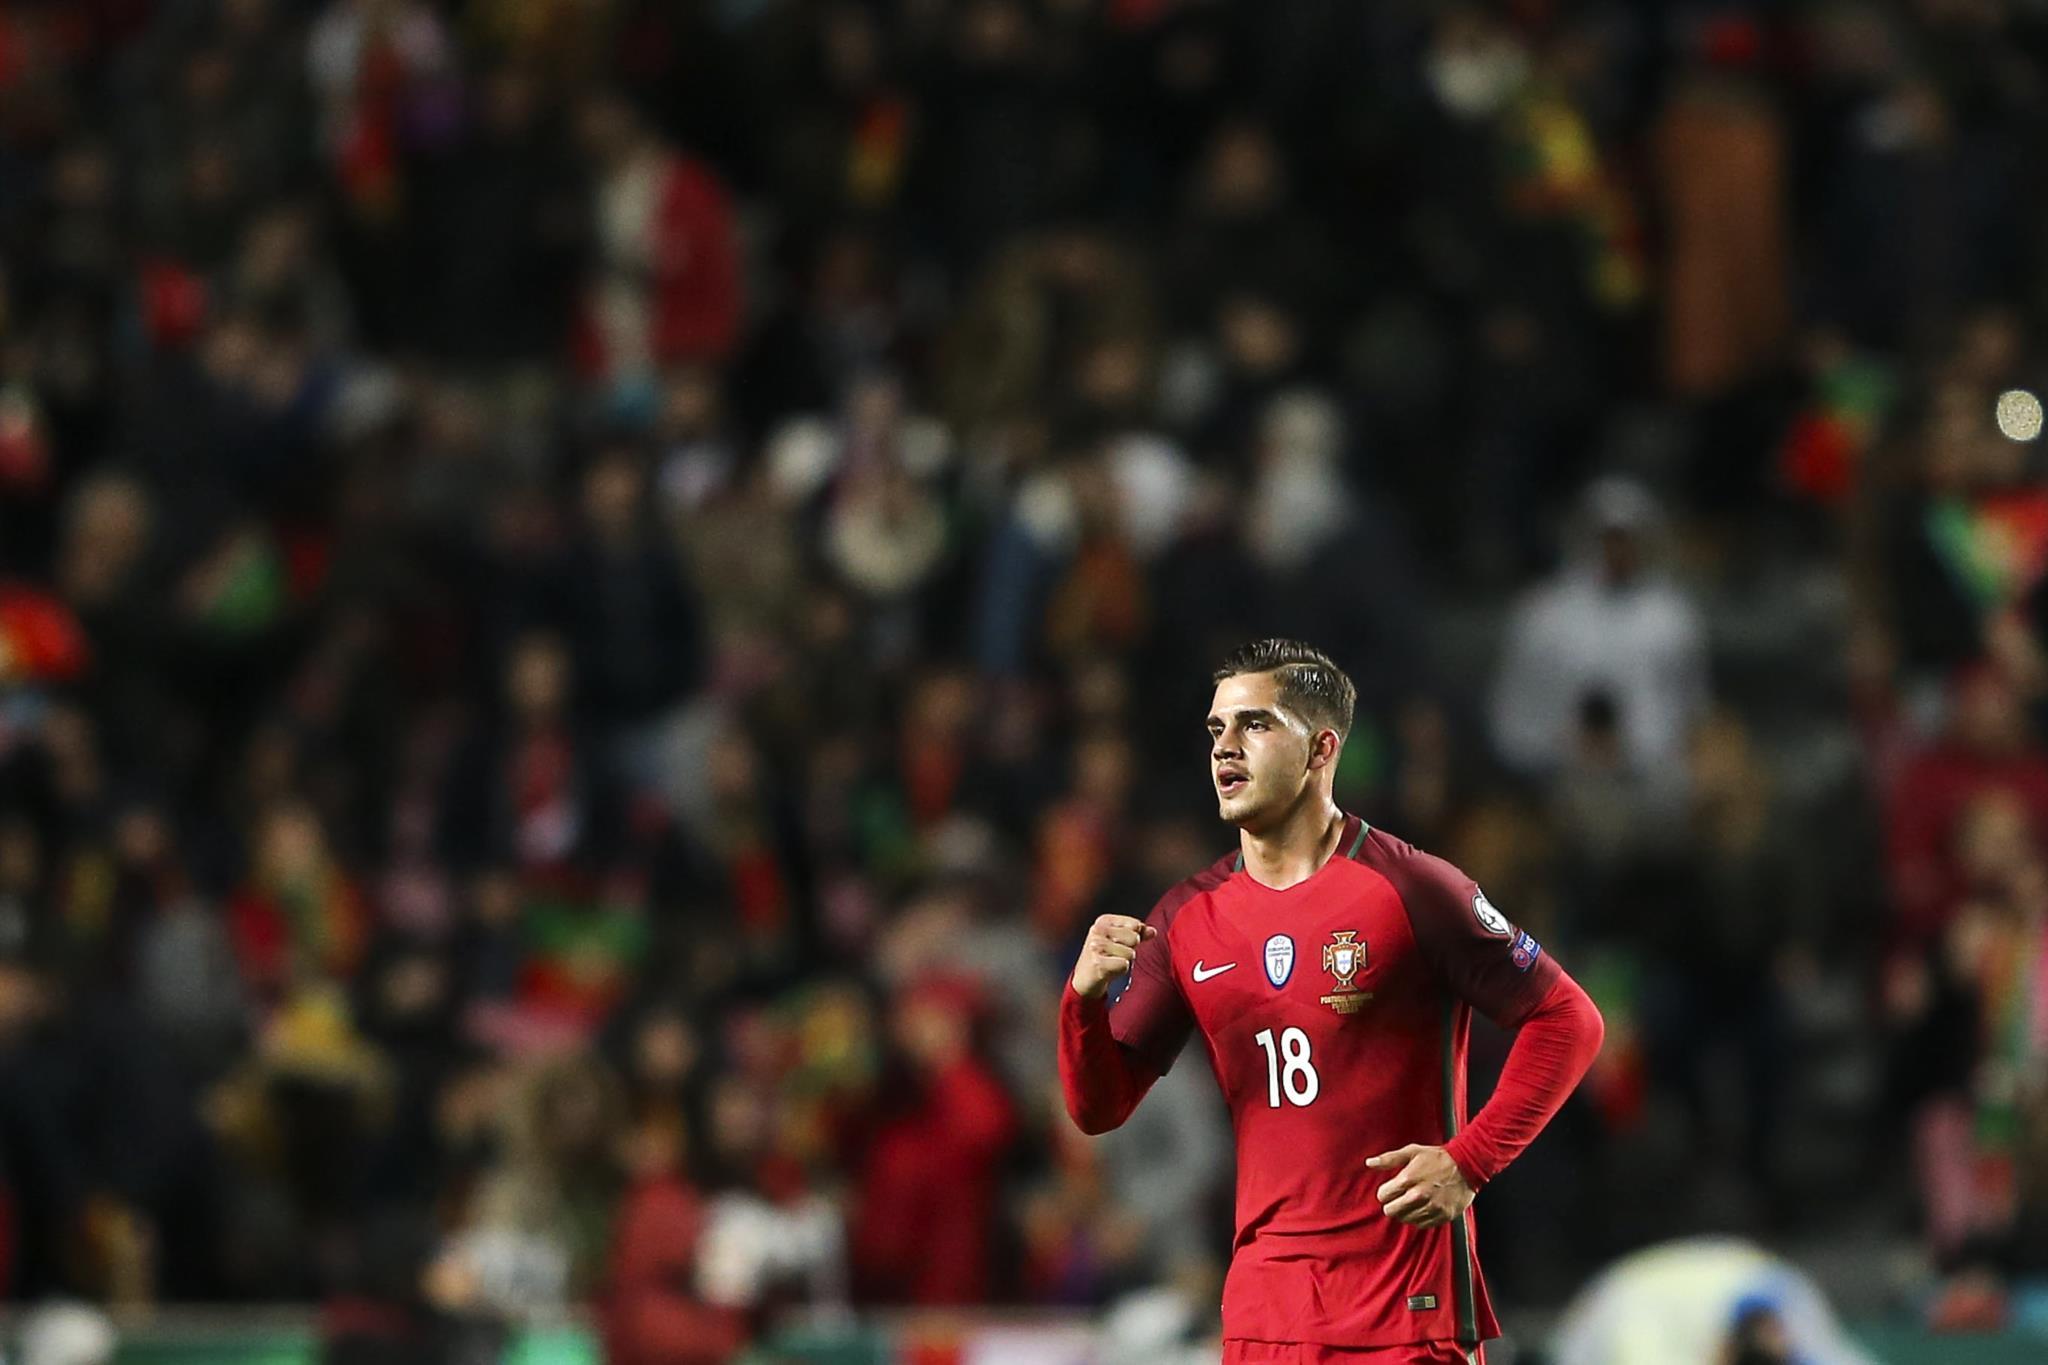 PÚBLICO - André Silva supera Eusébio, Ronaldo e Pauleta na selecção